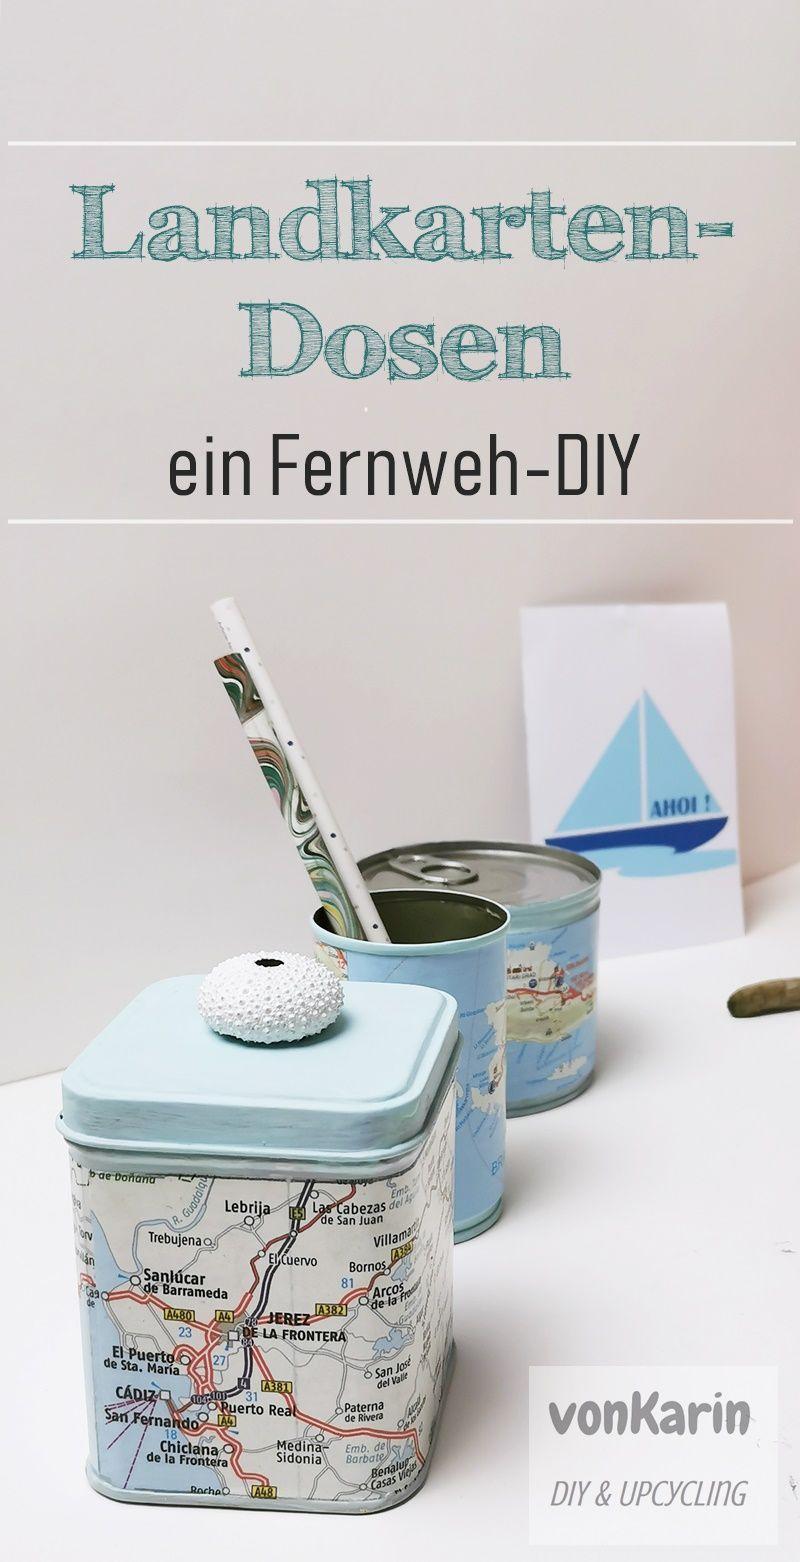 Landkartendosen - ein Fernweh-DIY